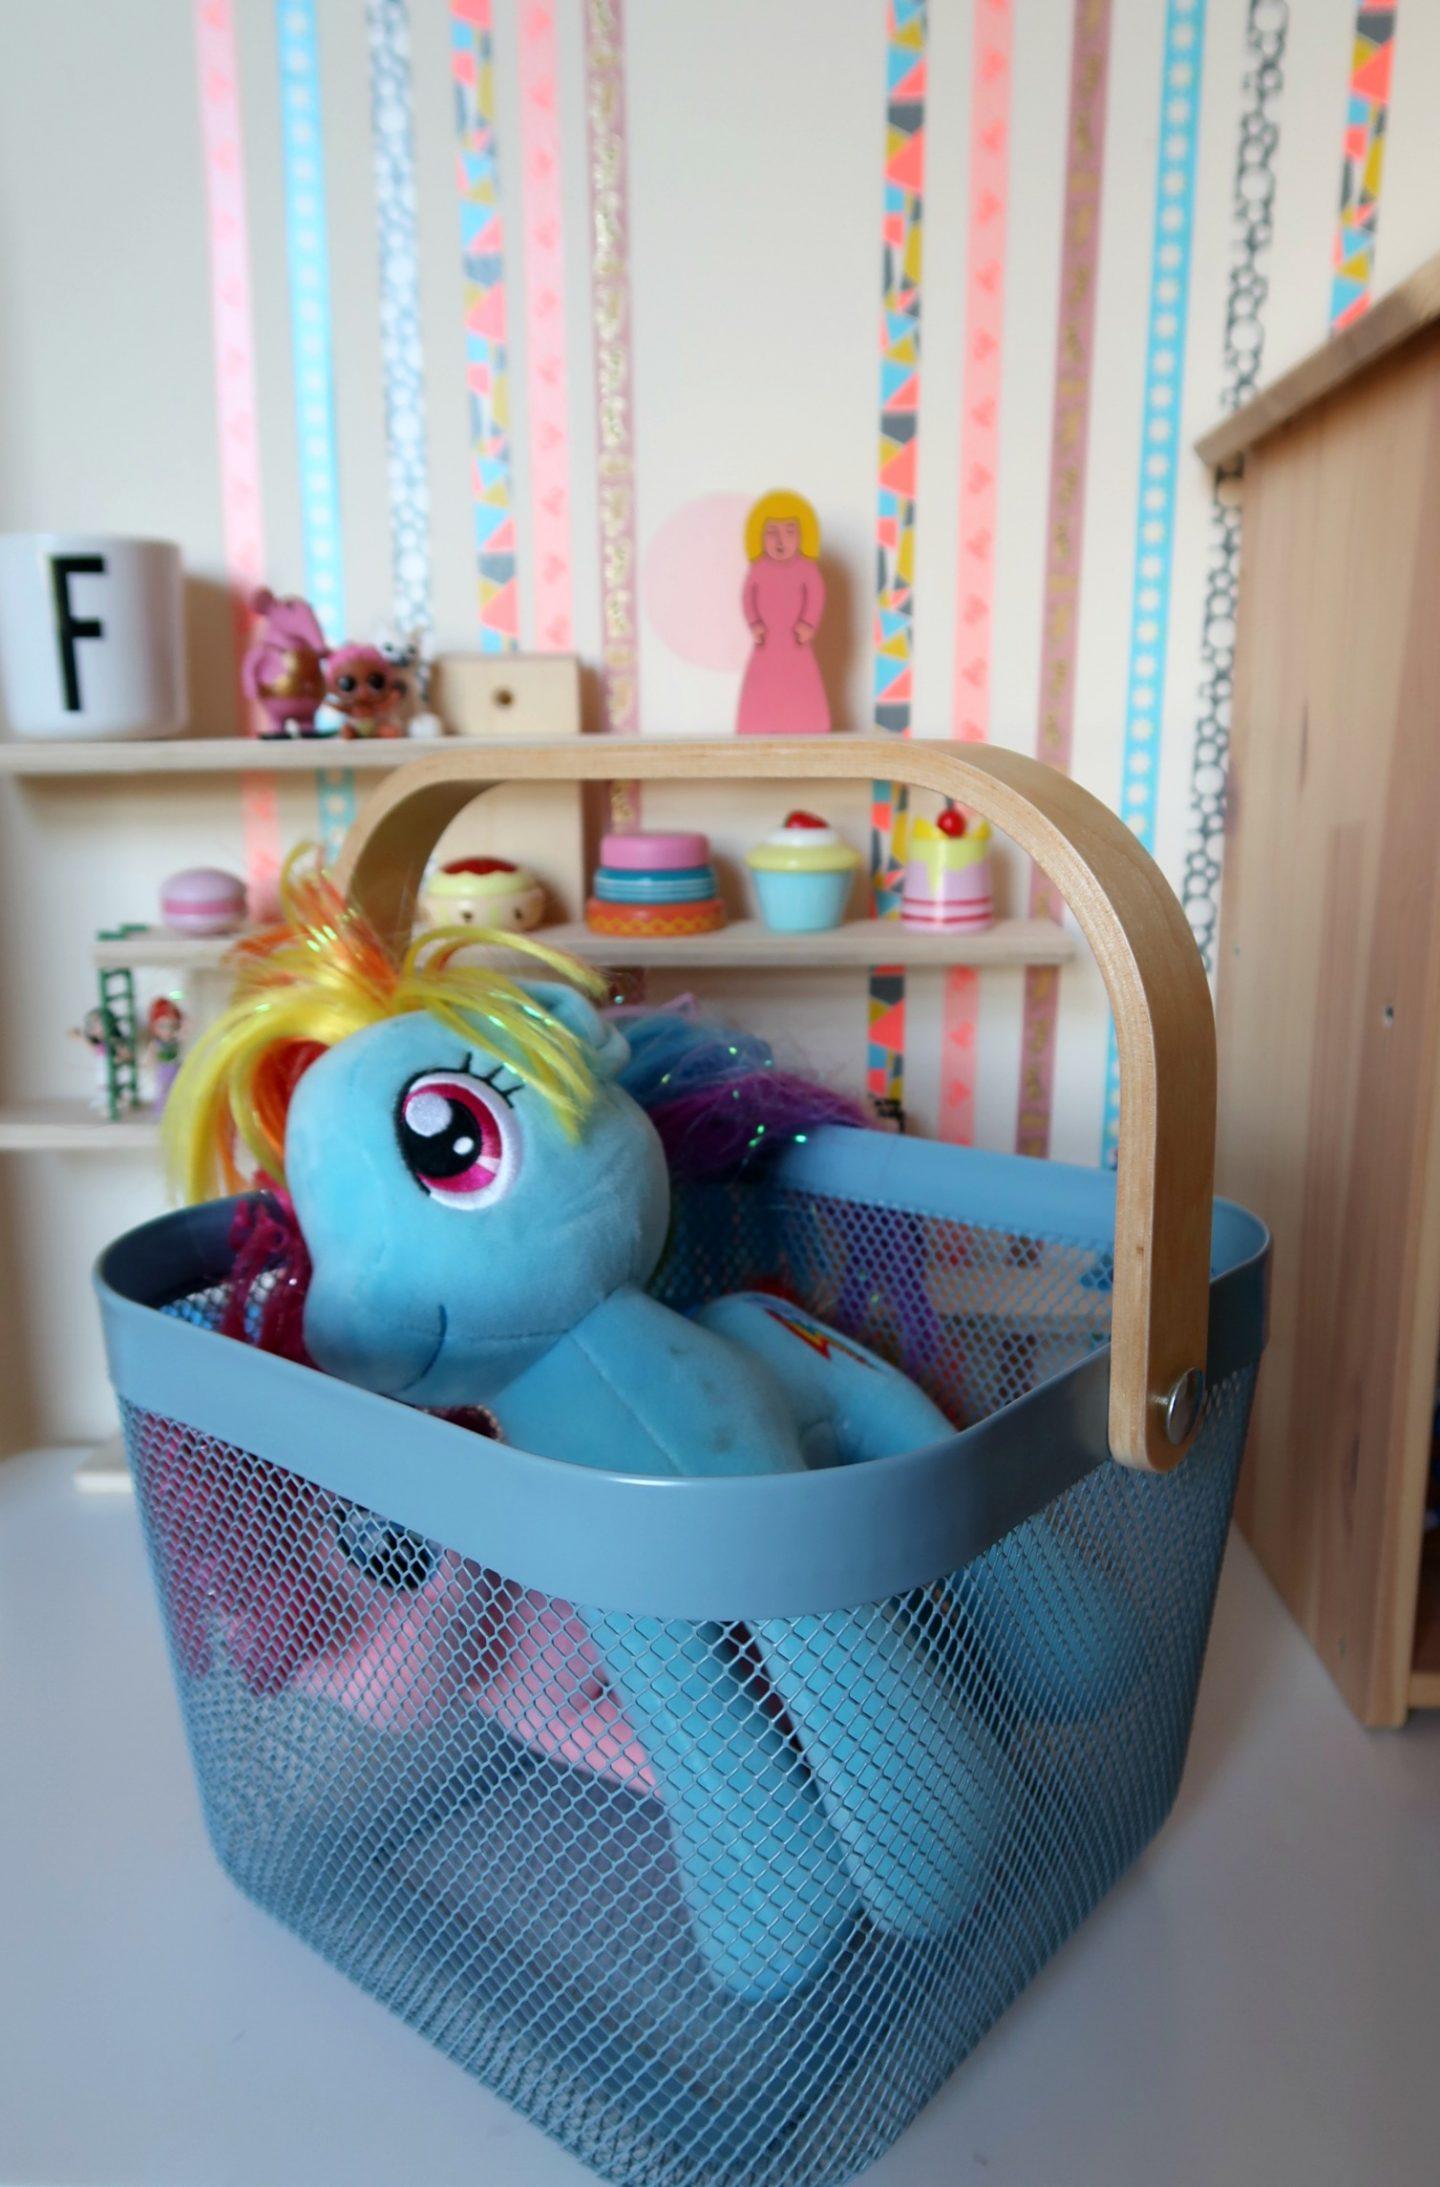 Kids storage hacks - IKEA Risatorp basket